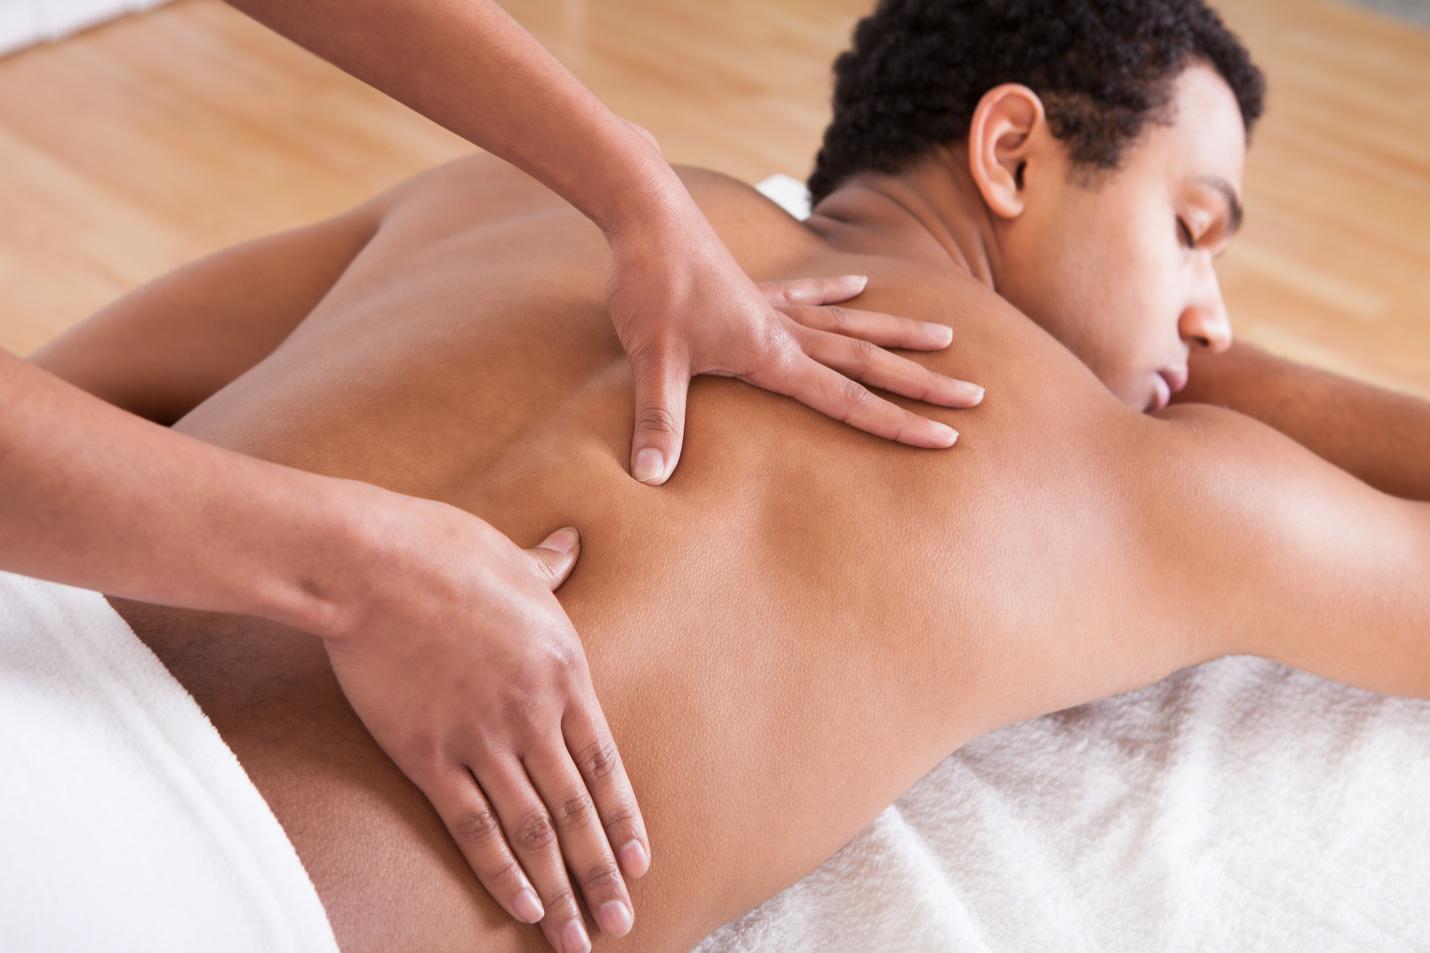 Bạn nên chọn nơi chăm sóc đau lưng bằng tiêu chí nào?